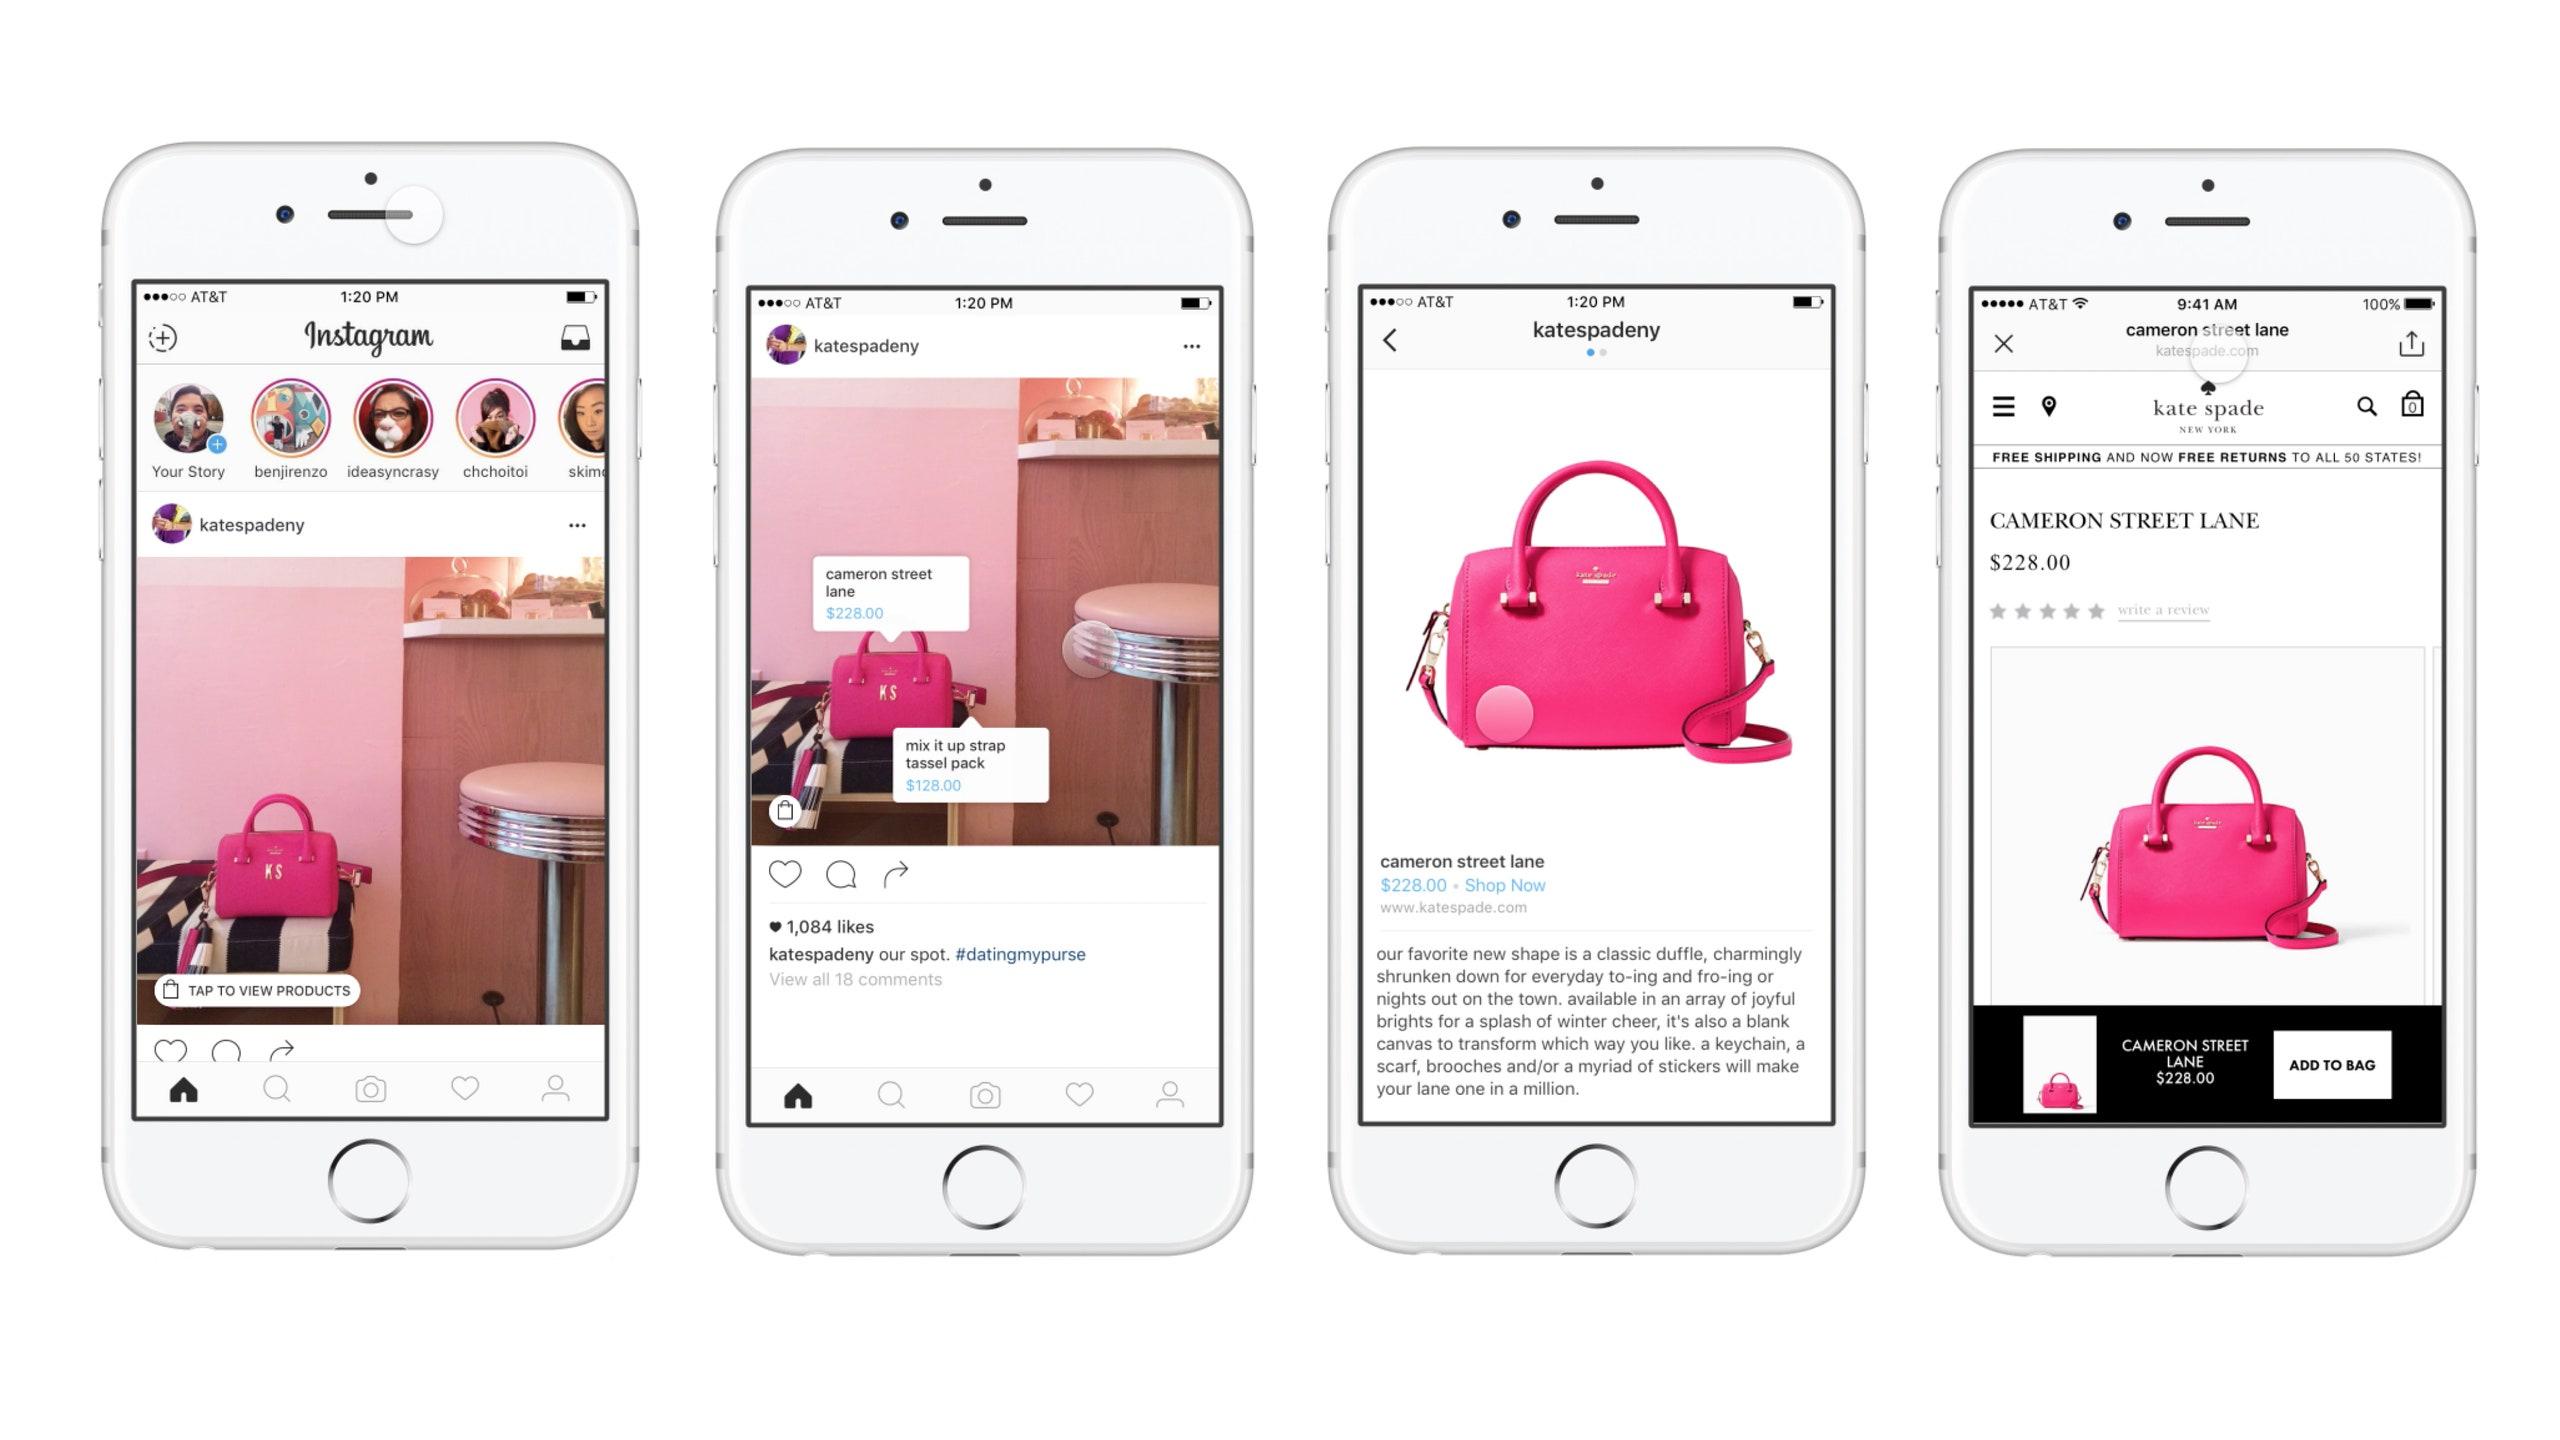 social media for commerce